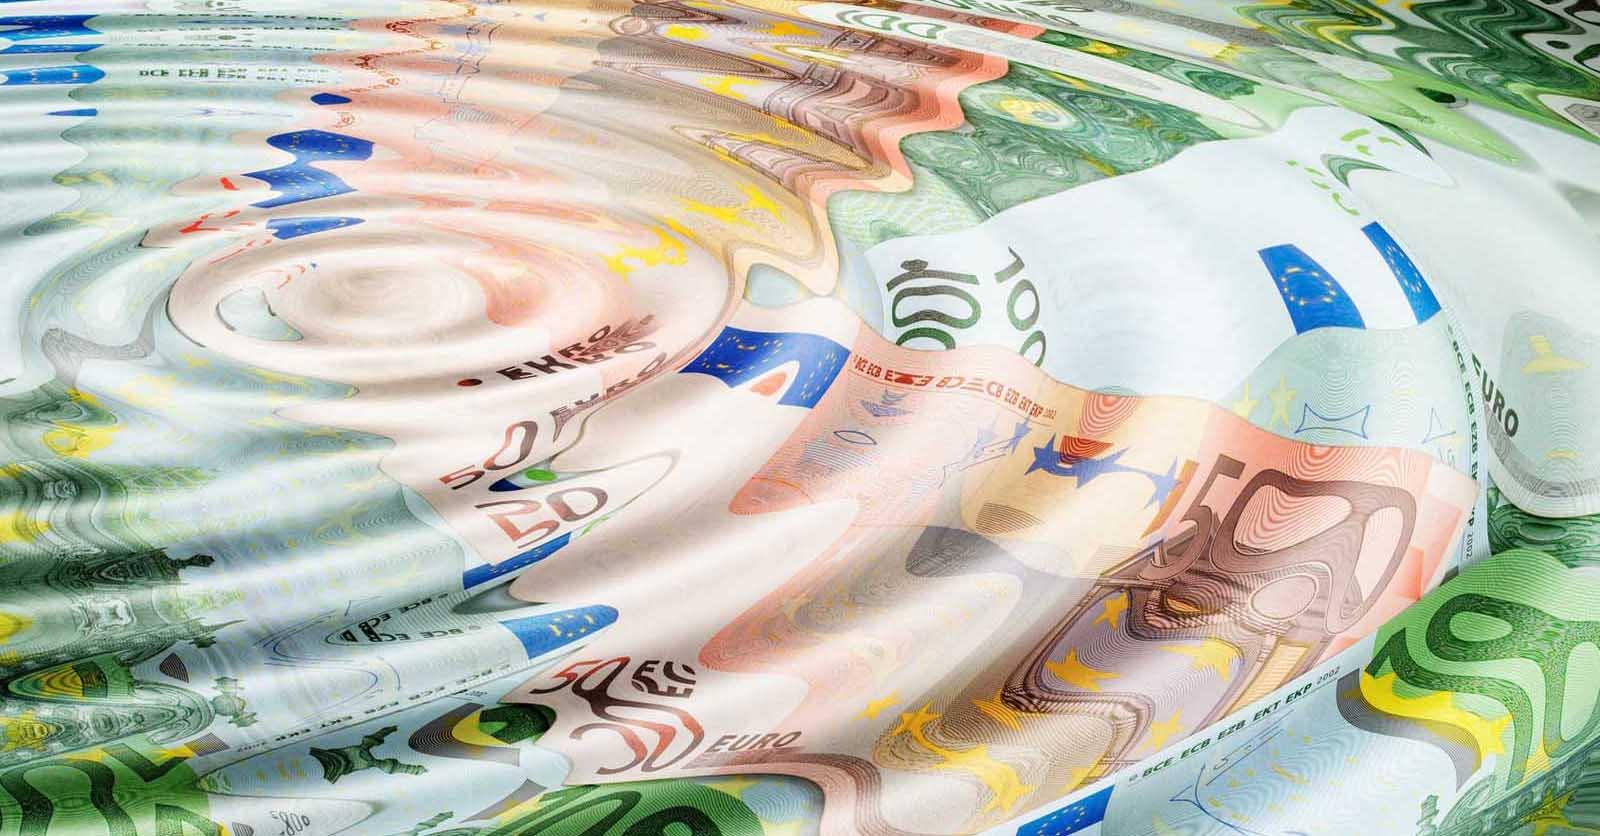 115 miliardi di spesa debiti della pubblica amministrazione euro soldi tempo ritardi pagamenti goccia acqua